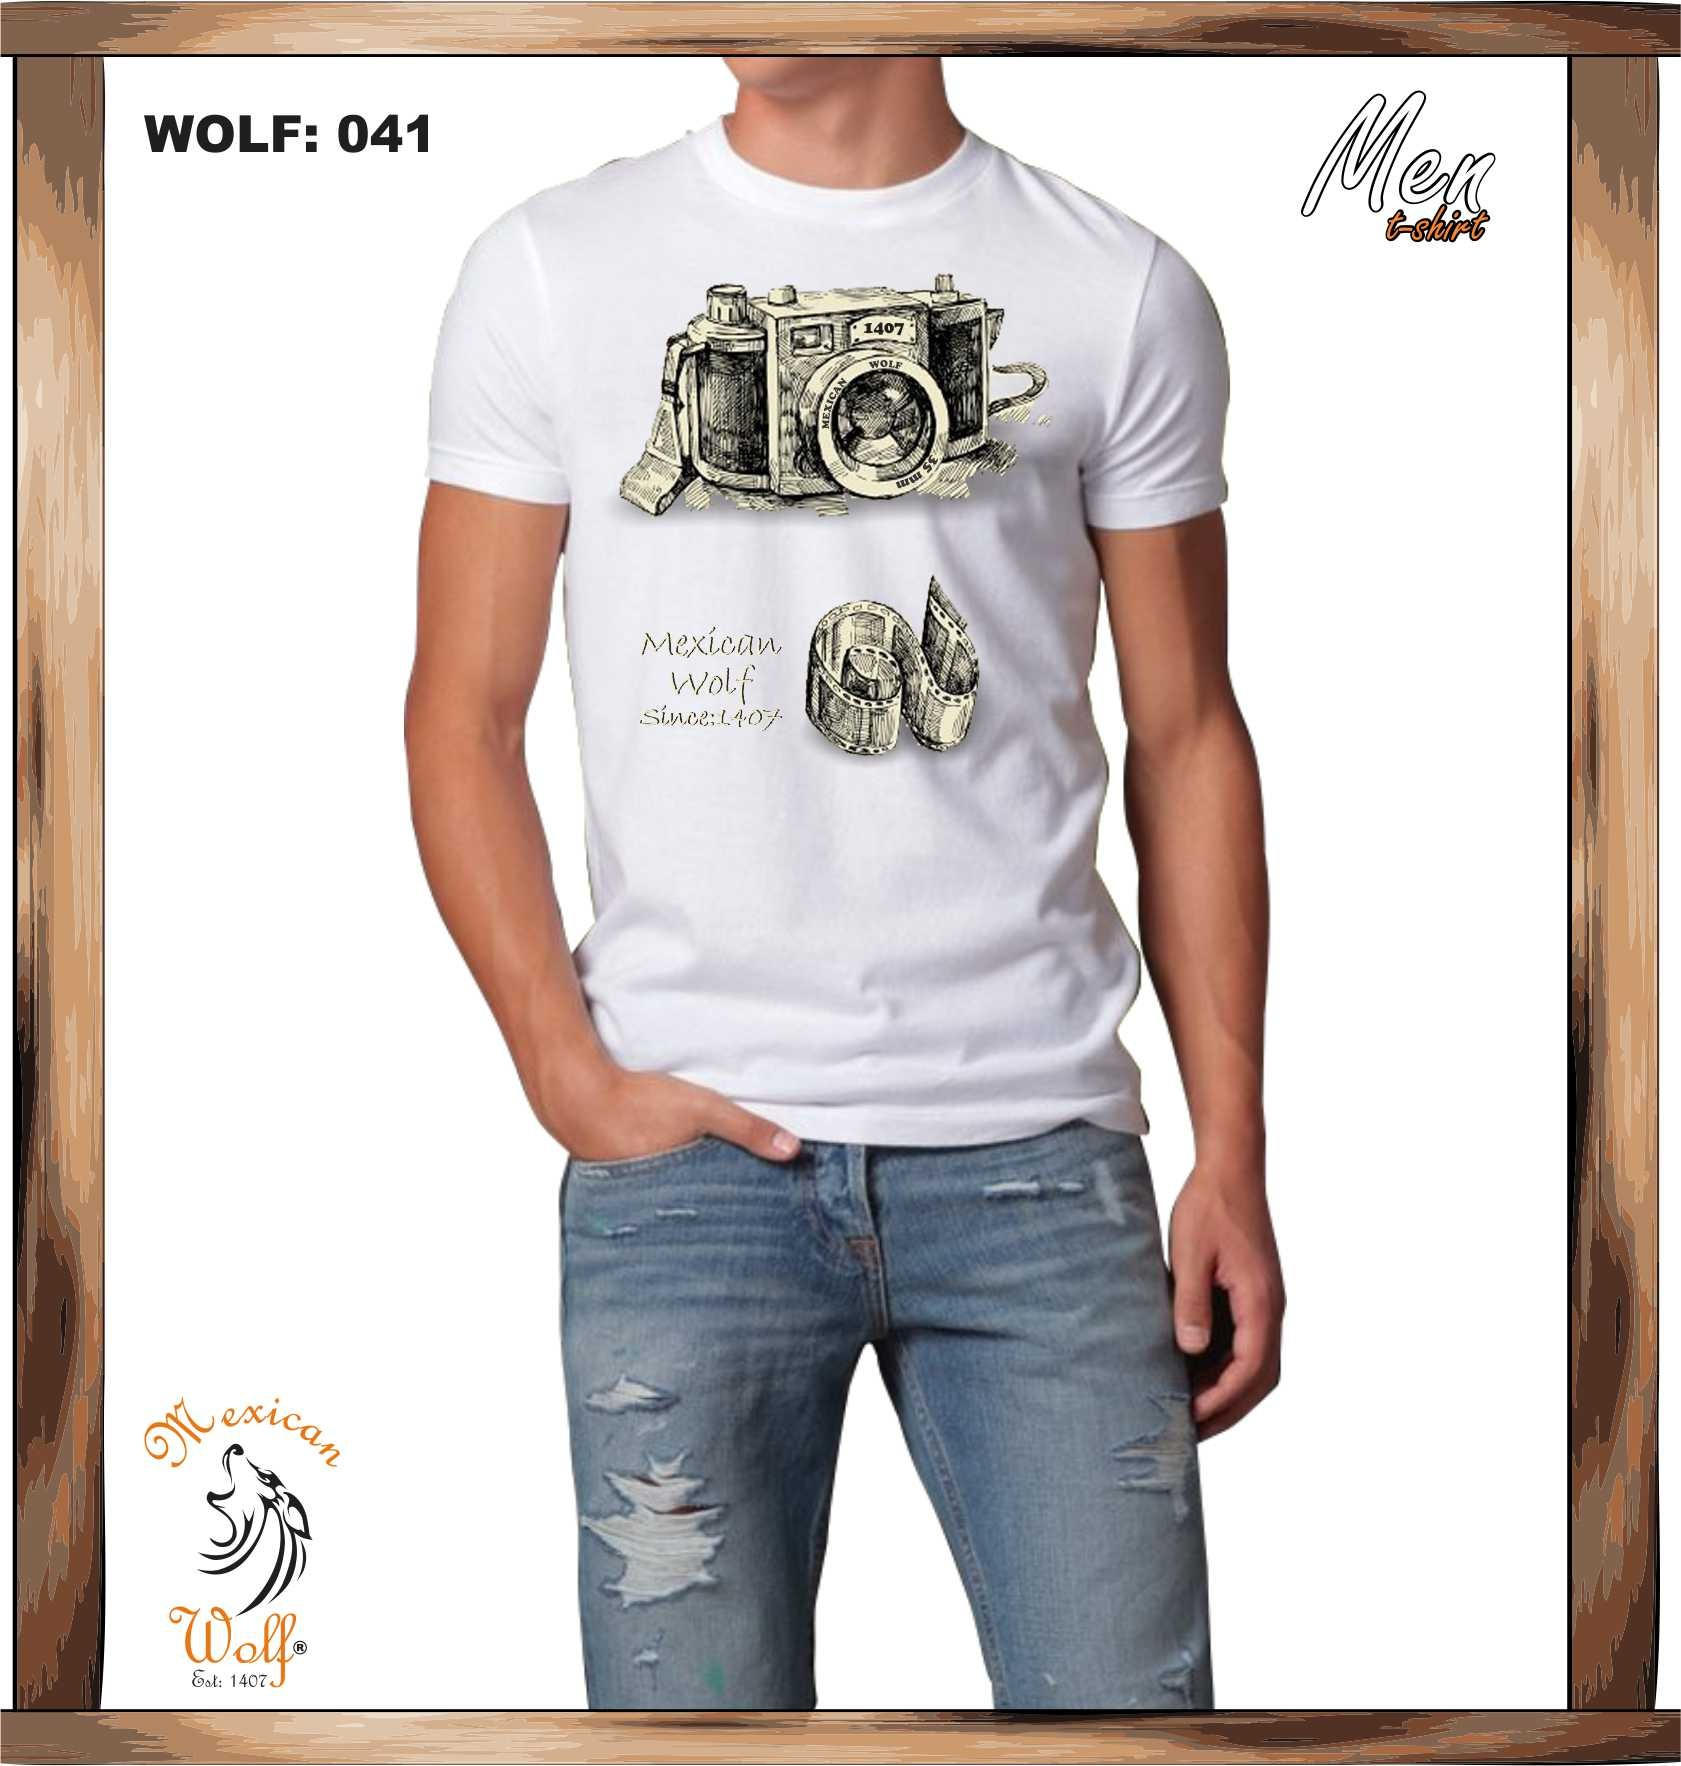 c864a35277f02 Playeras Mexican Wolf estilo urbano-casual - Mayoreo y menudeo ...